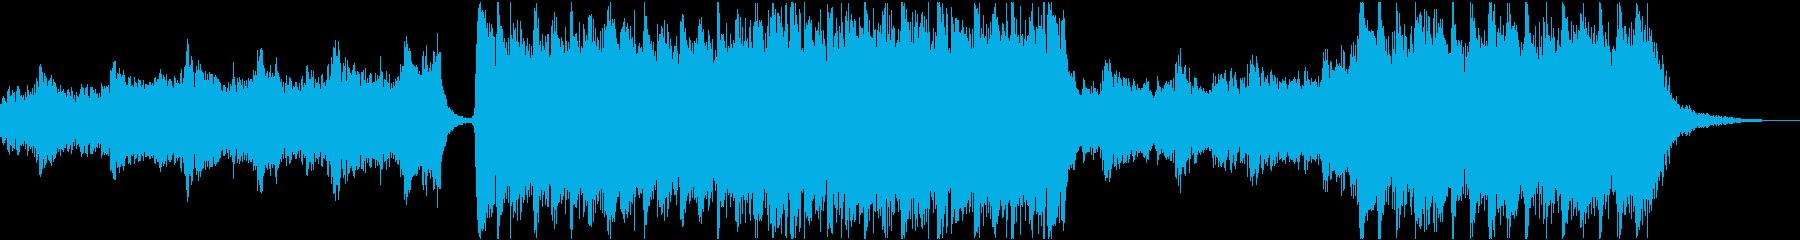 歌詞のピアノ、弦、パーカッションを備えたの再生済みの波形